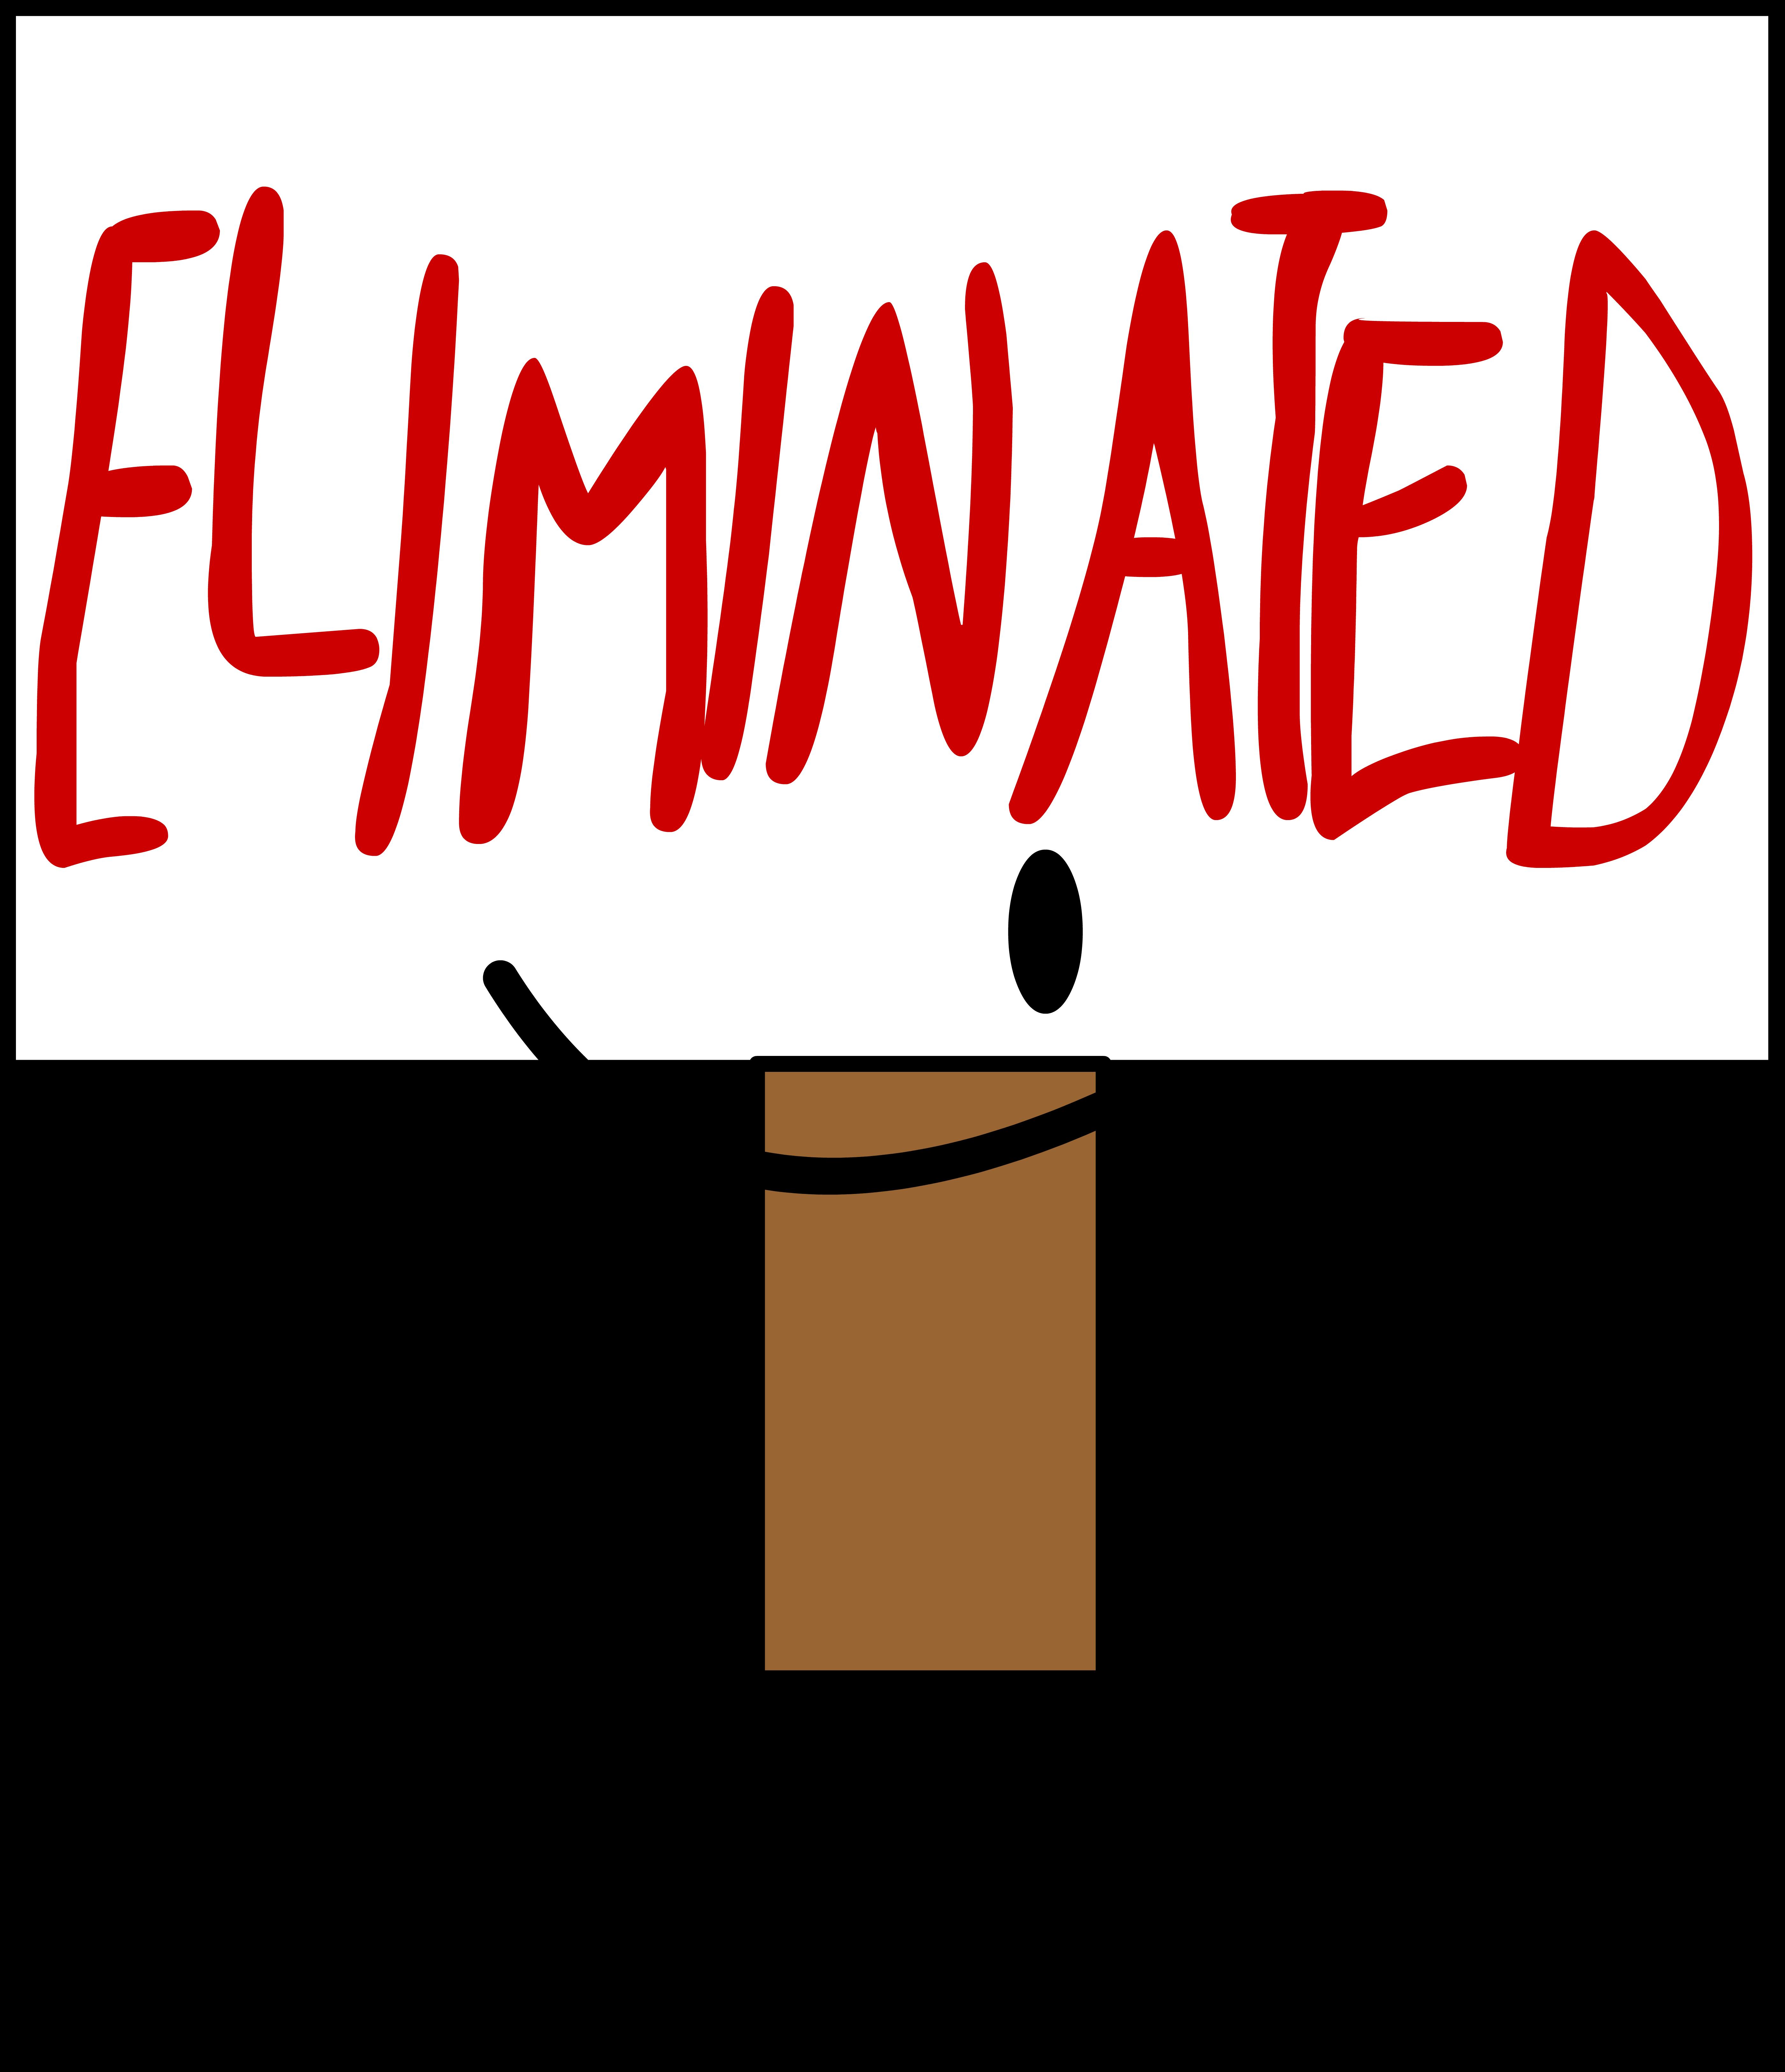 File:Eliminated Sign.png